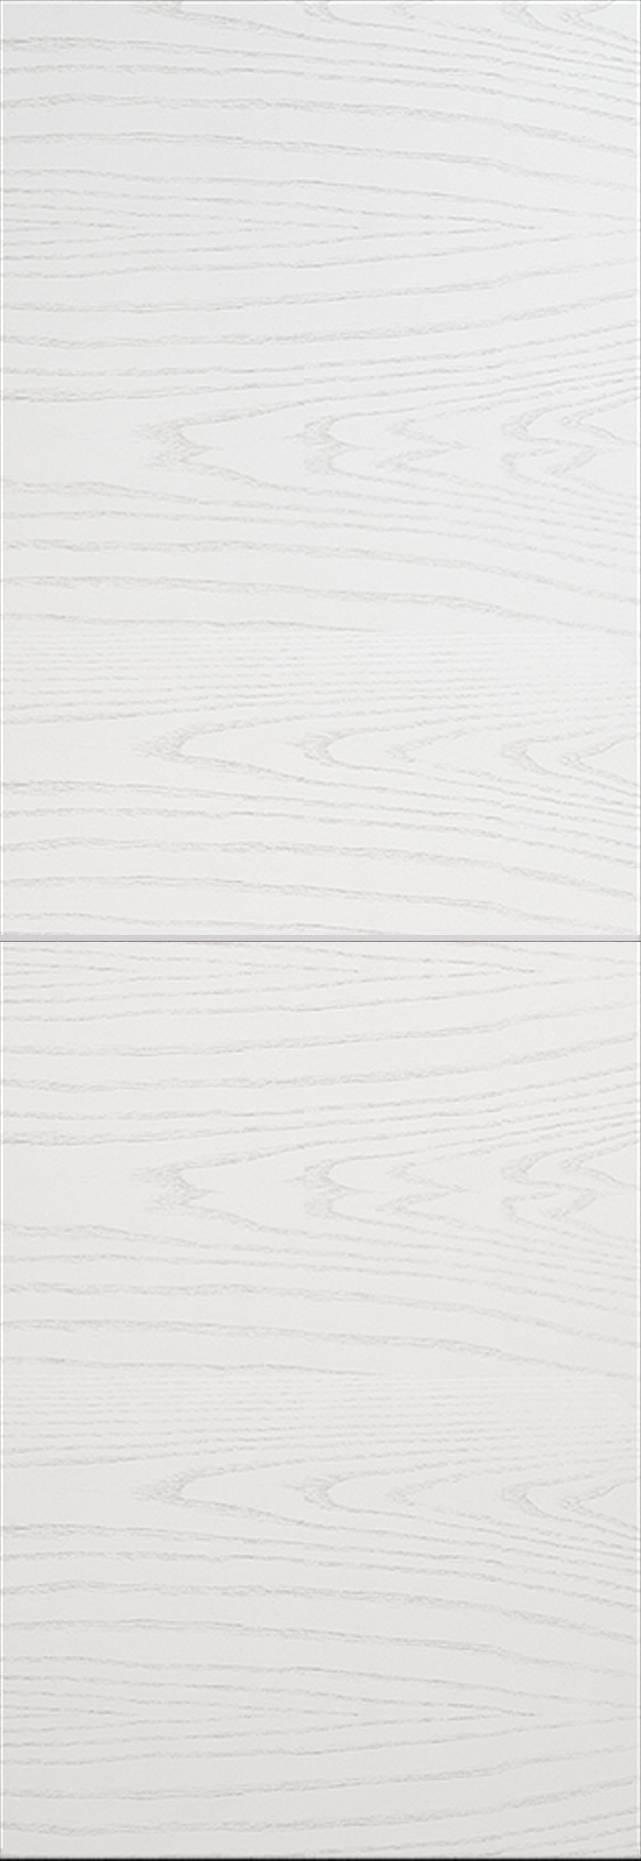 Tivoli Б-3 Invisible цвет - Ясень белая эмаль Без стекла (ДГ)